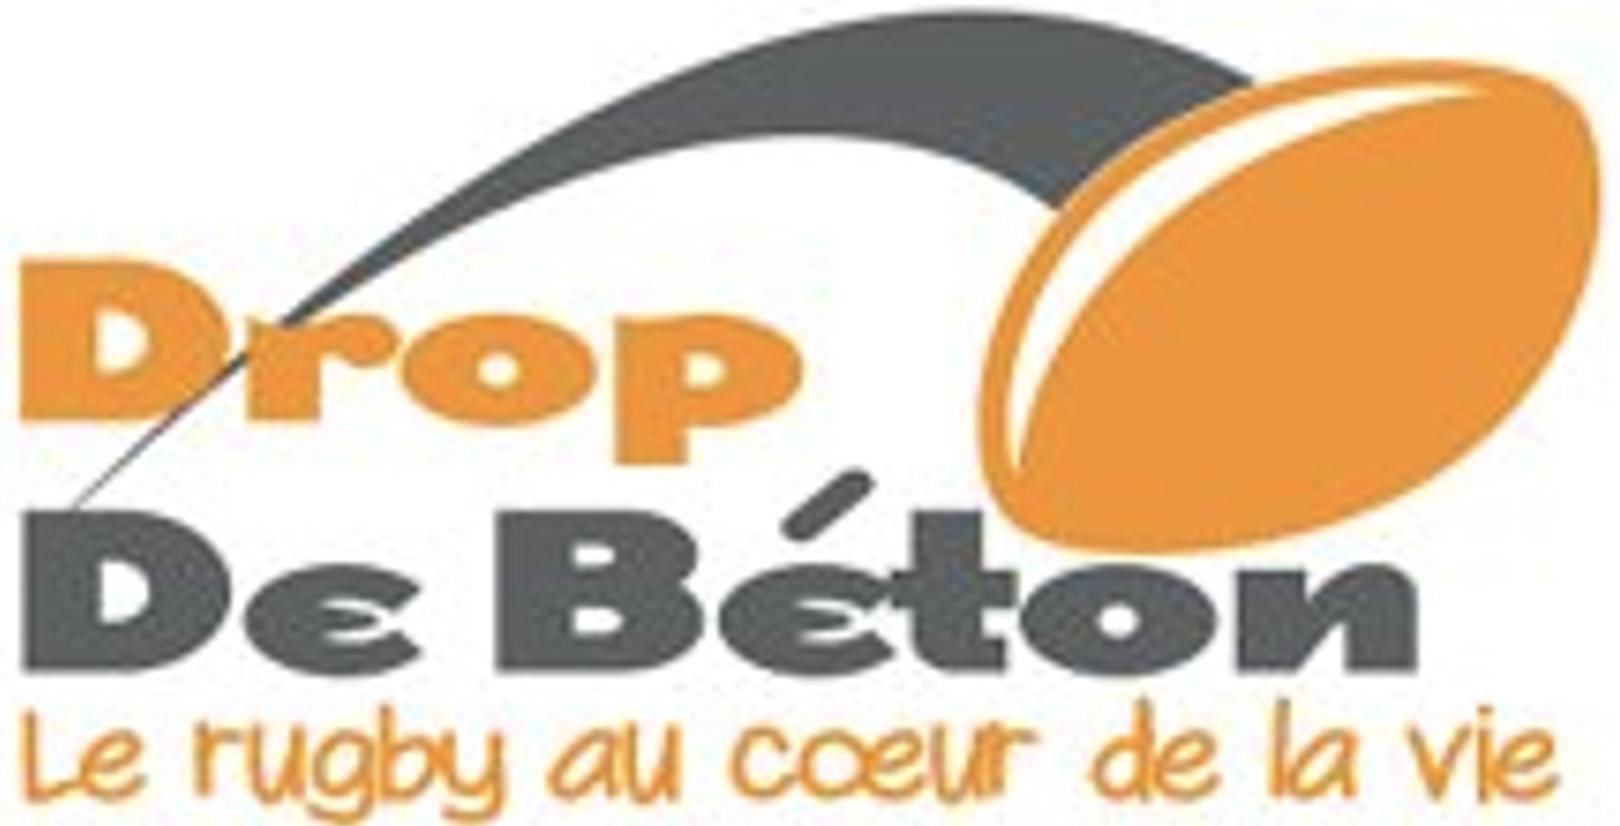 Drop de Beton